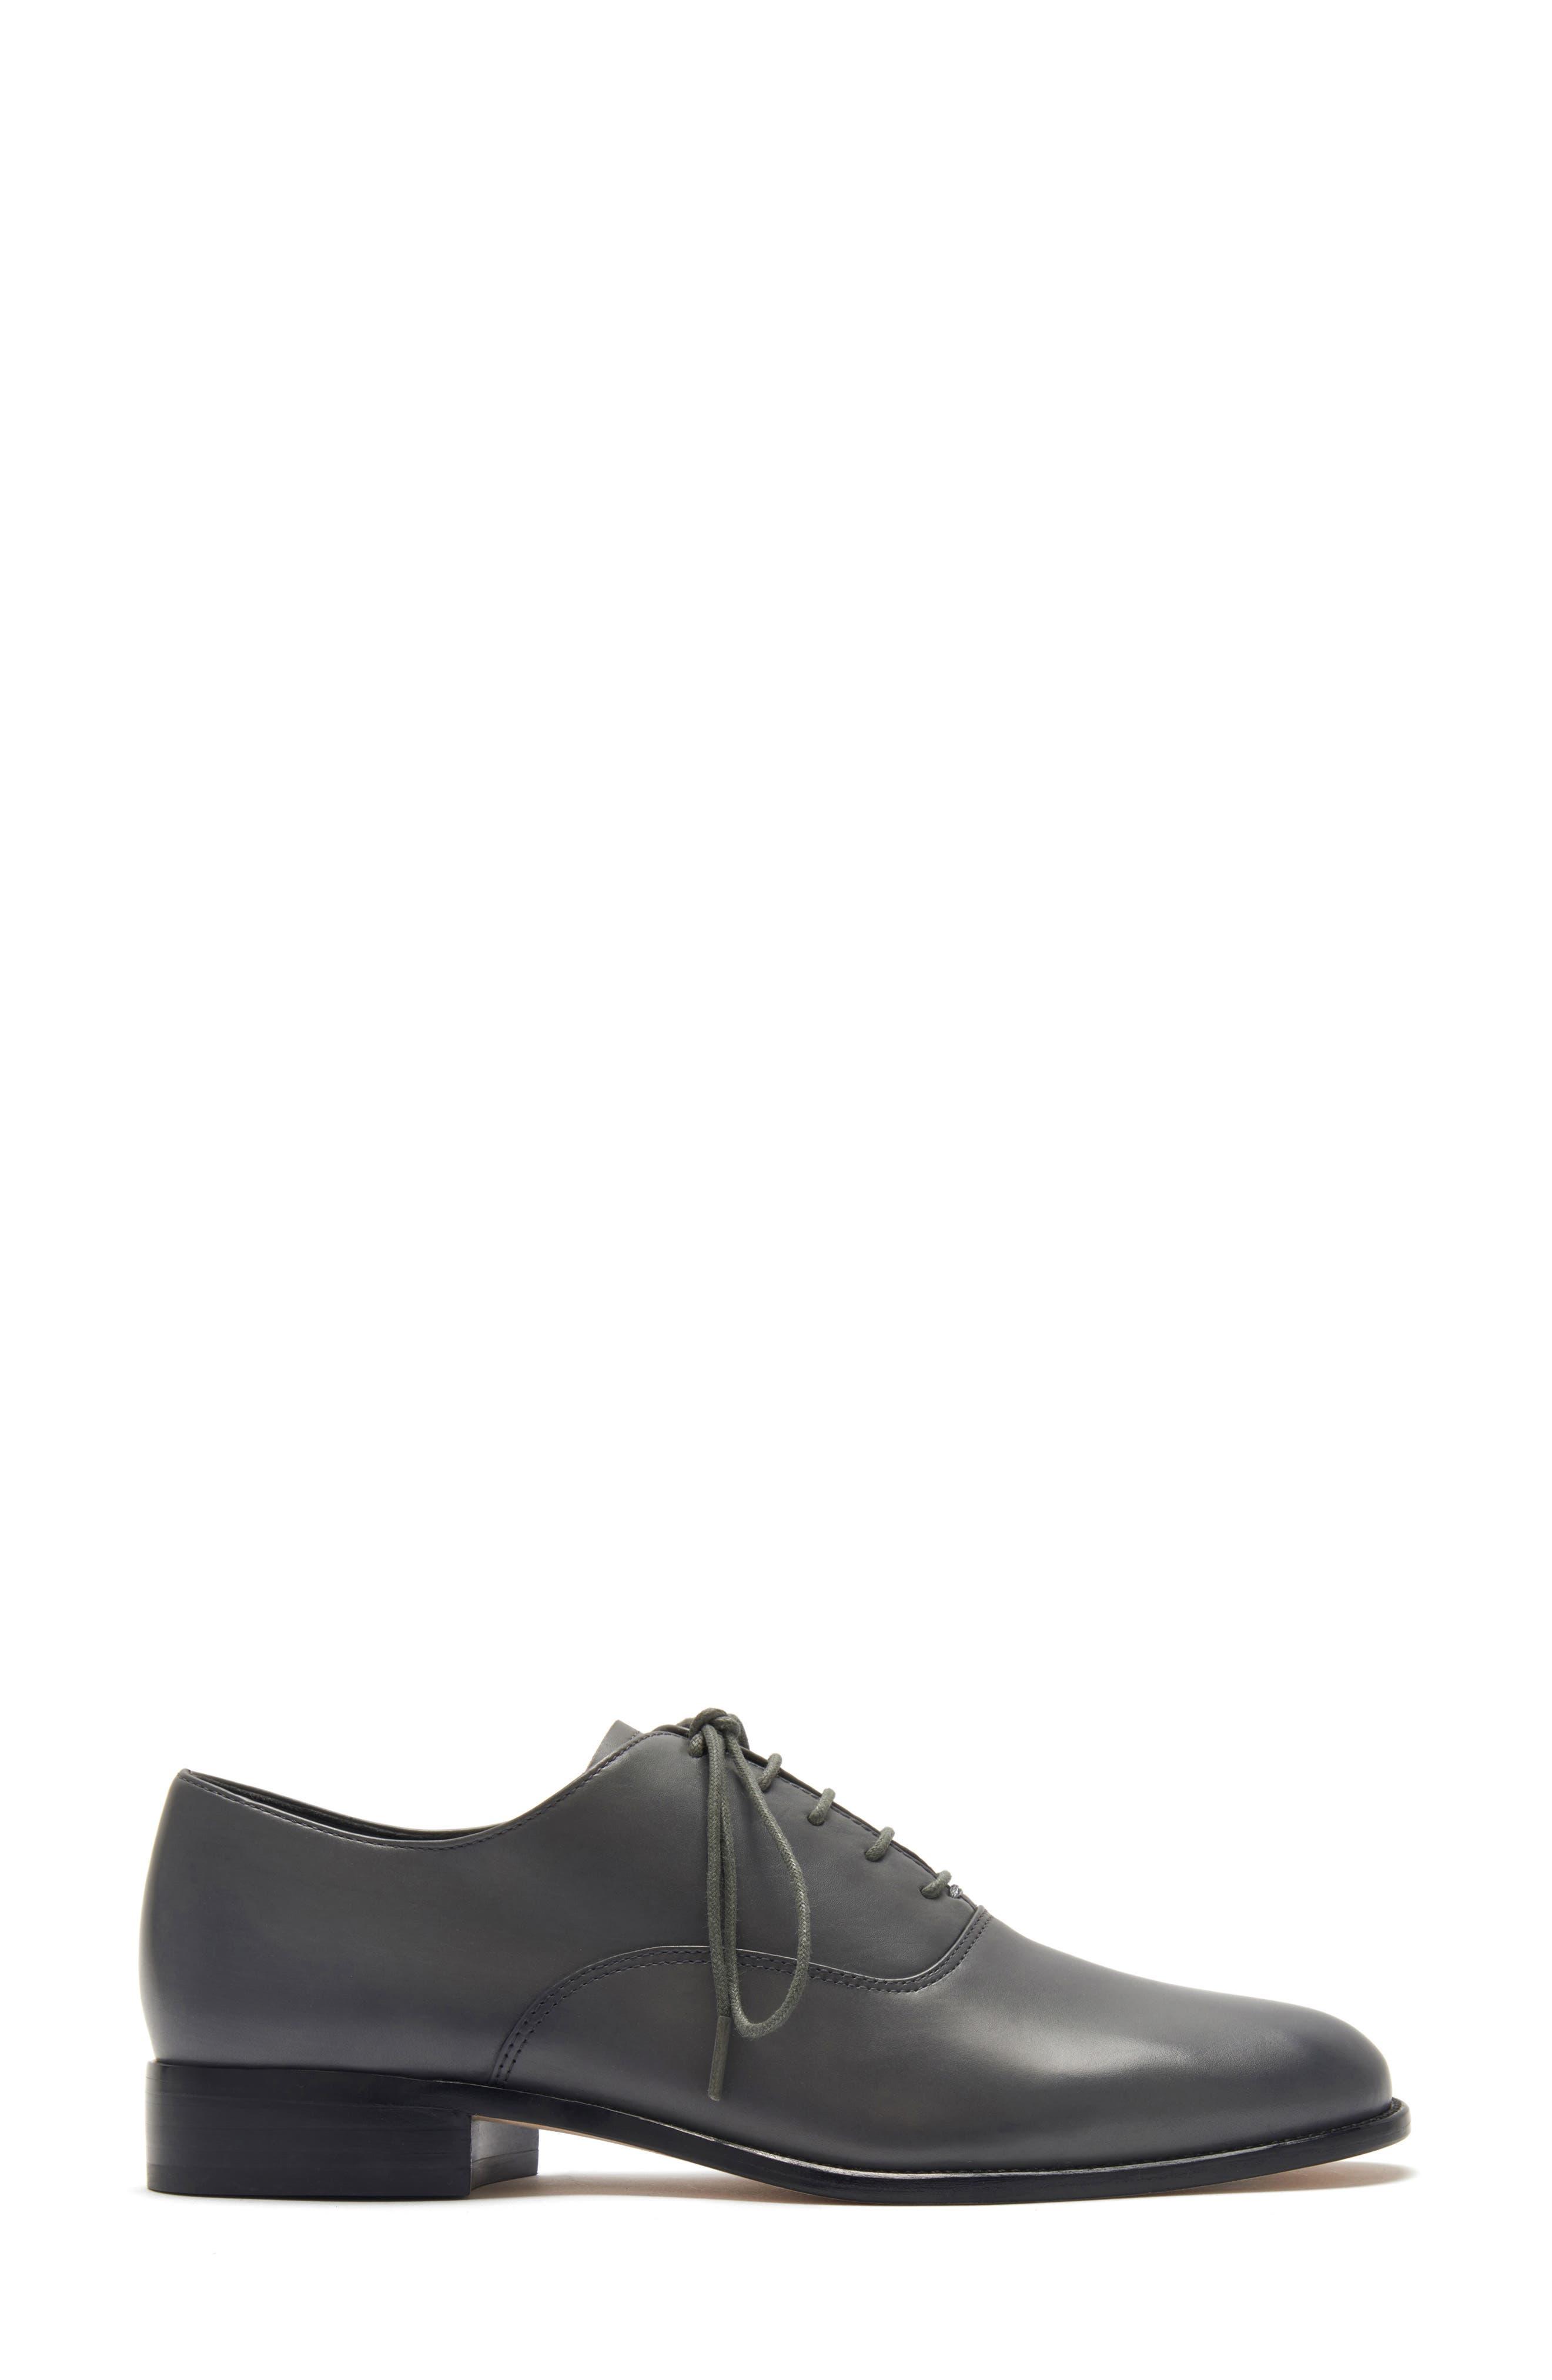 d6f32d12451 Women's Etienne Aigner Shoes | Nordstrom